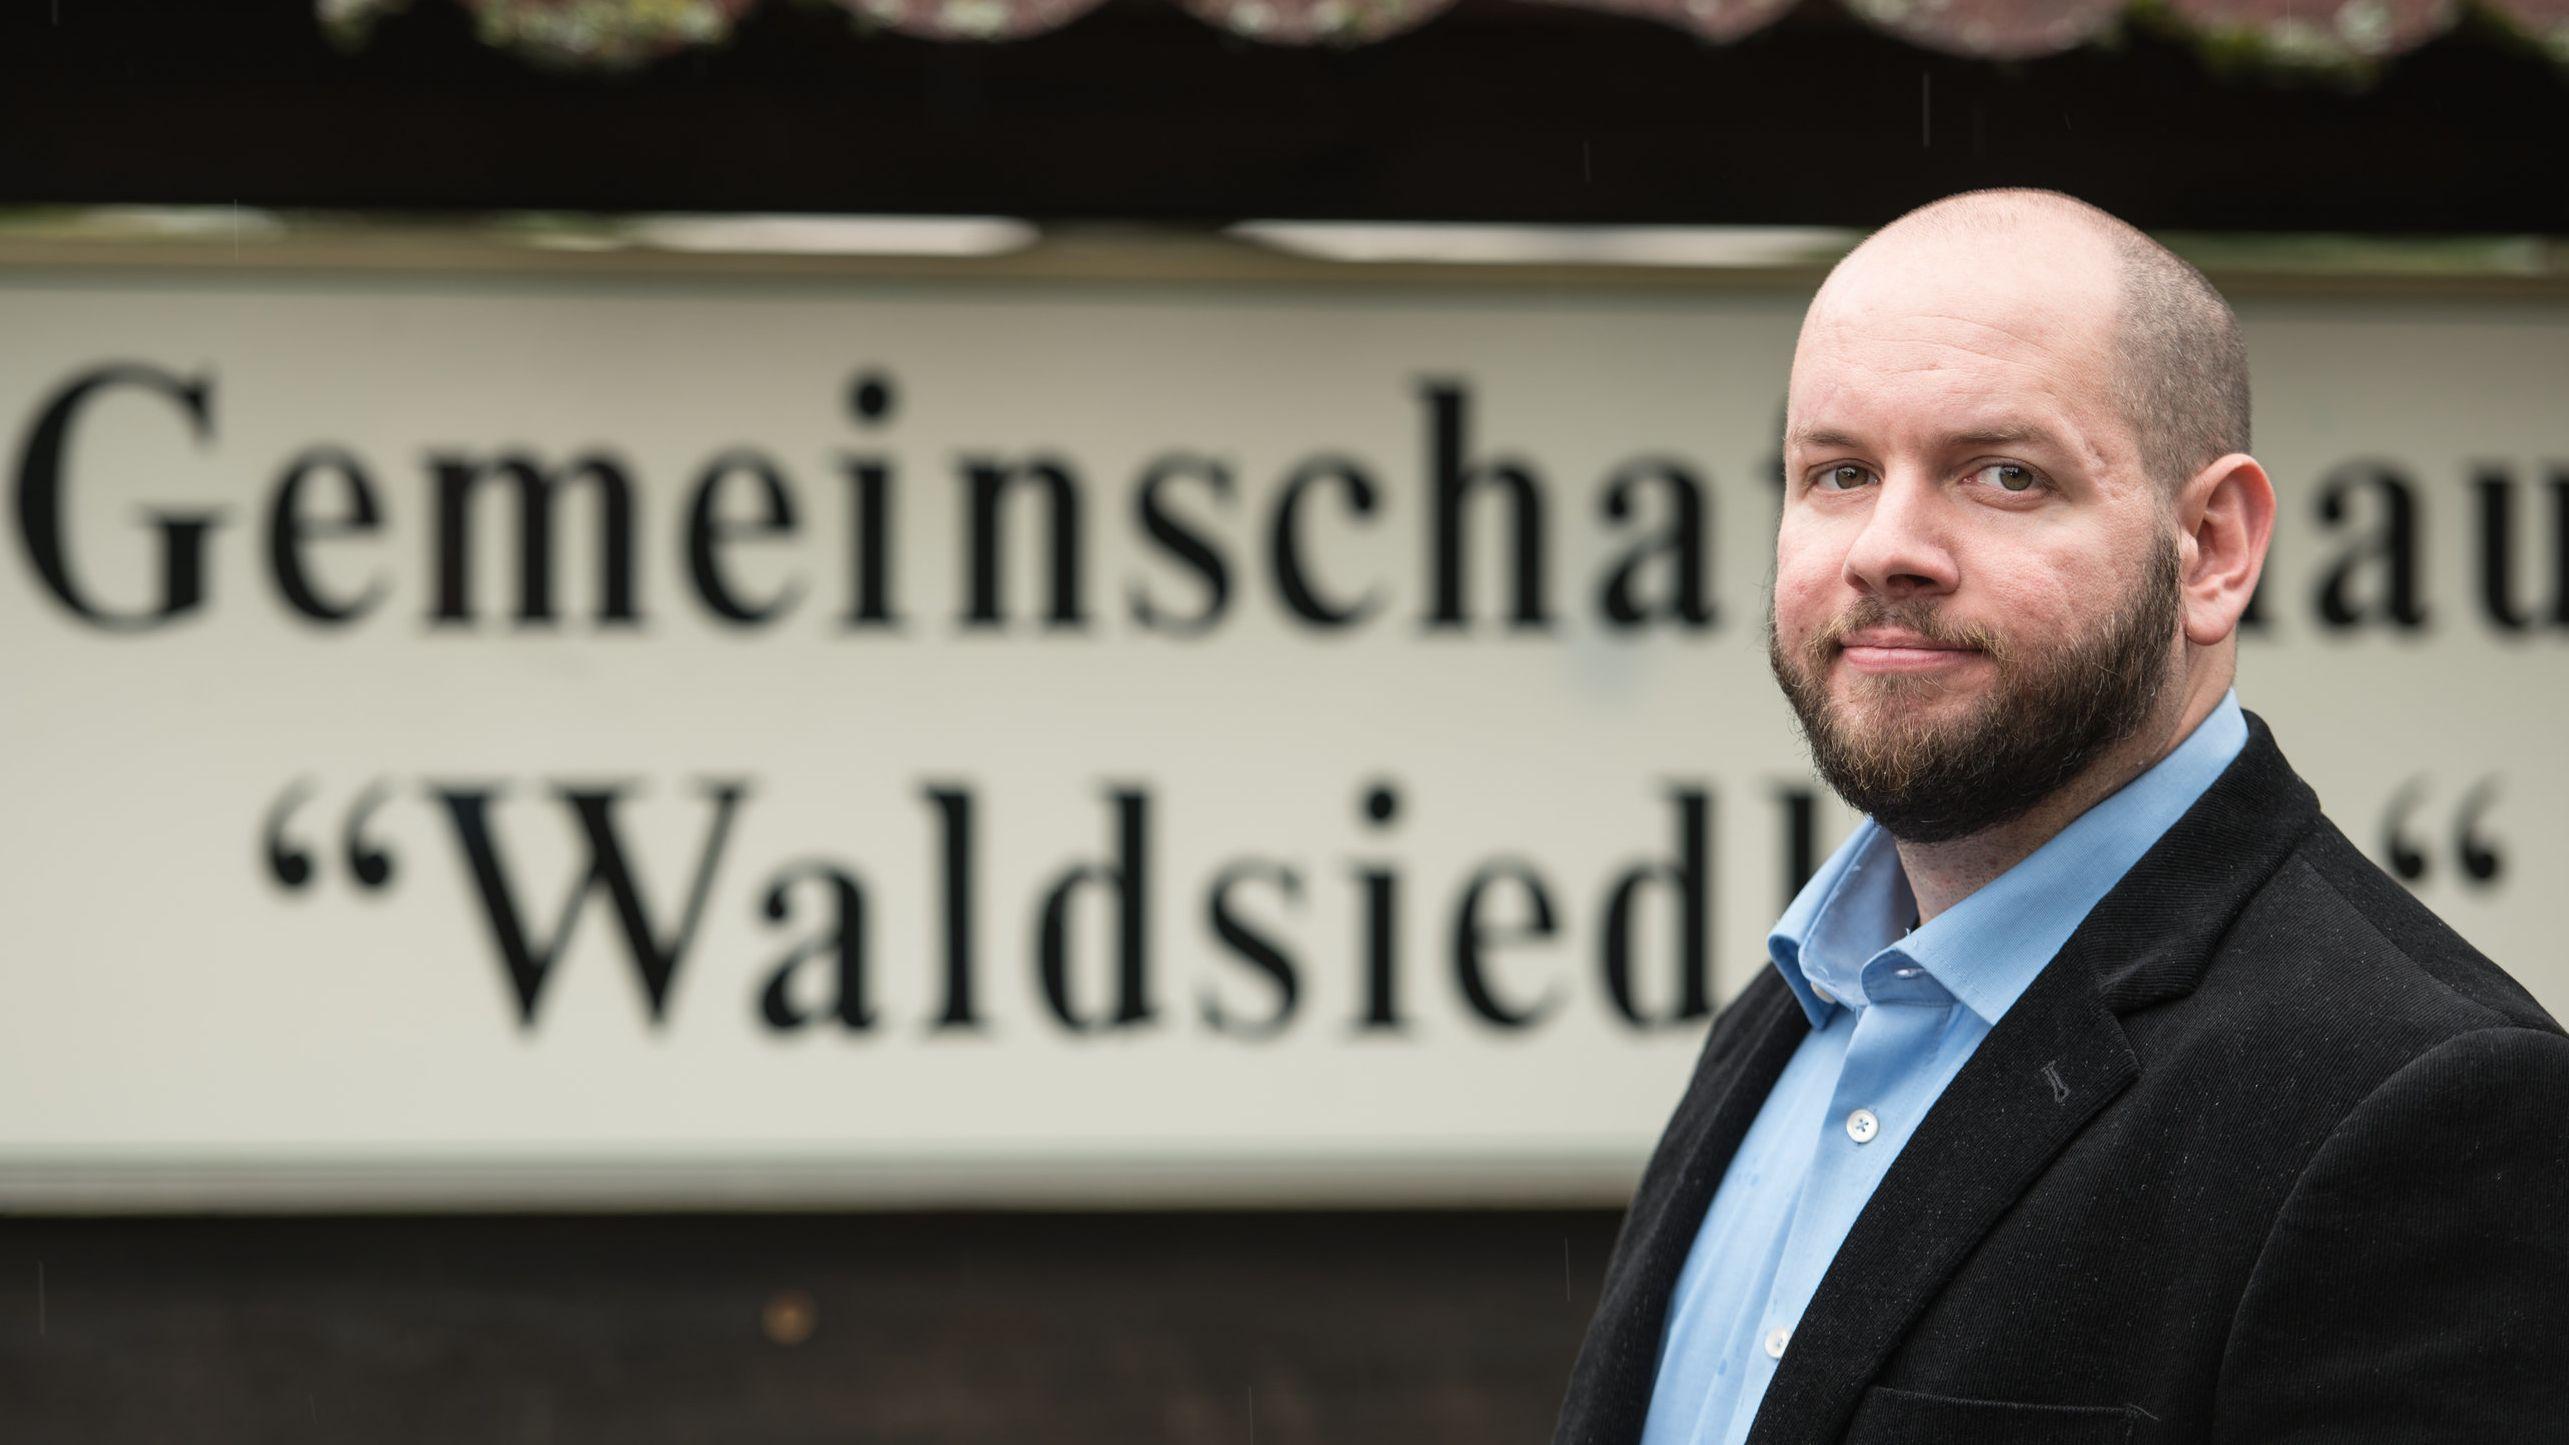 Stefan Jagsch (NPD), Ortsvorsteher von Altenstadt-Waldsiedlung, steht vor dem Gemeinschaftshaus im Ortsteil, in dem er gewählt wurde.